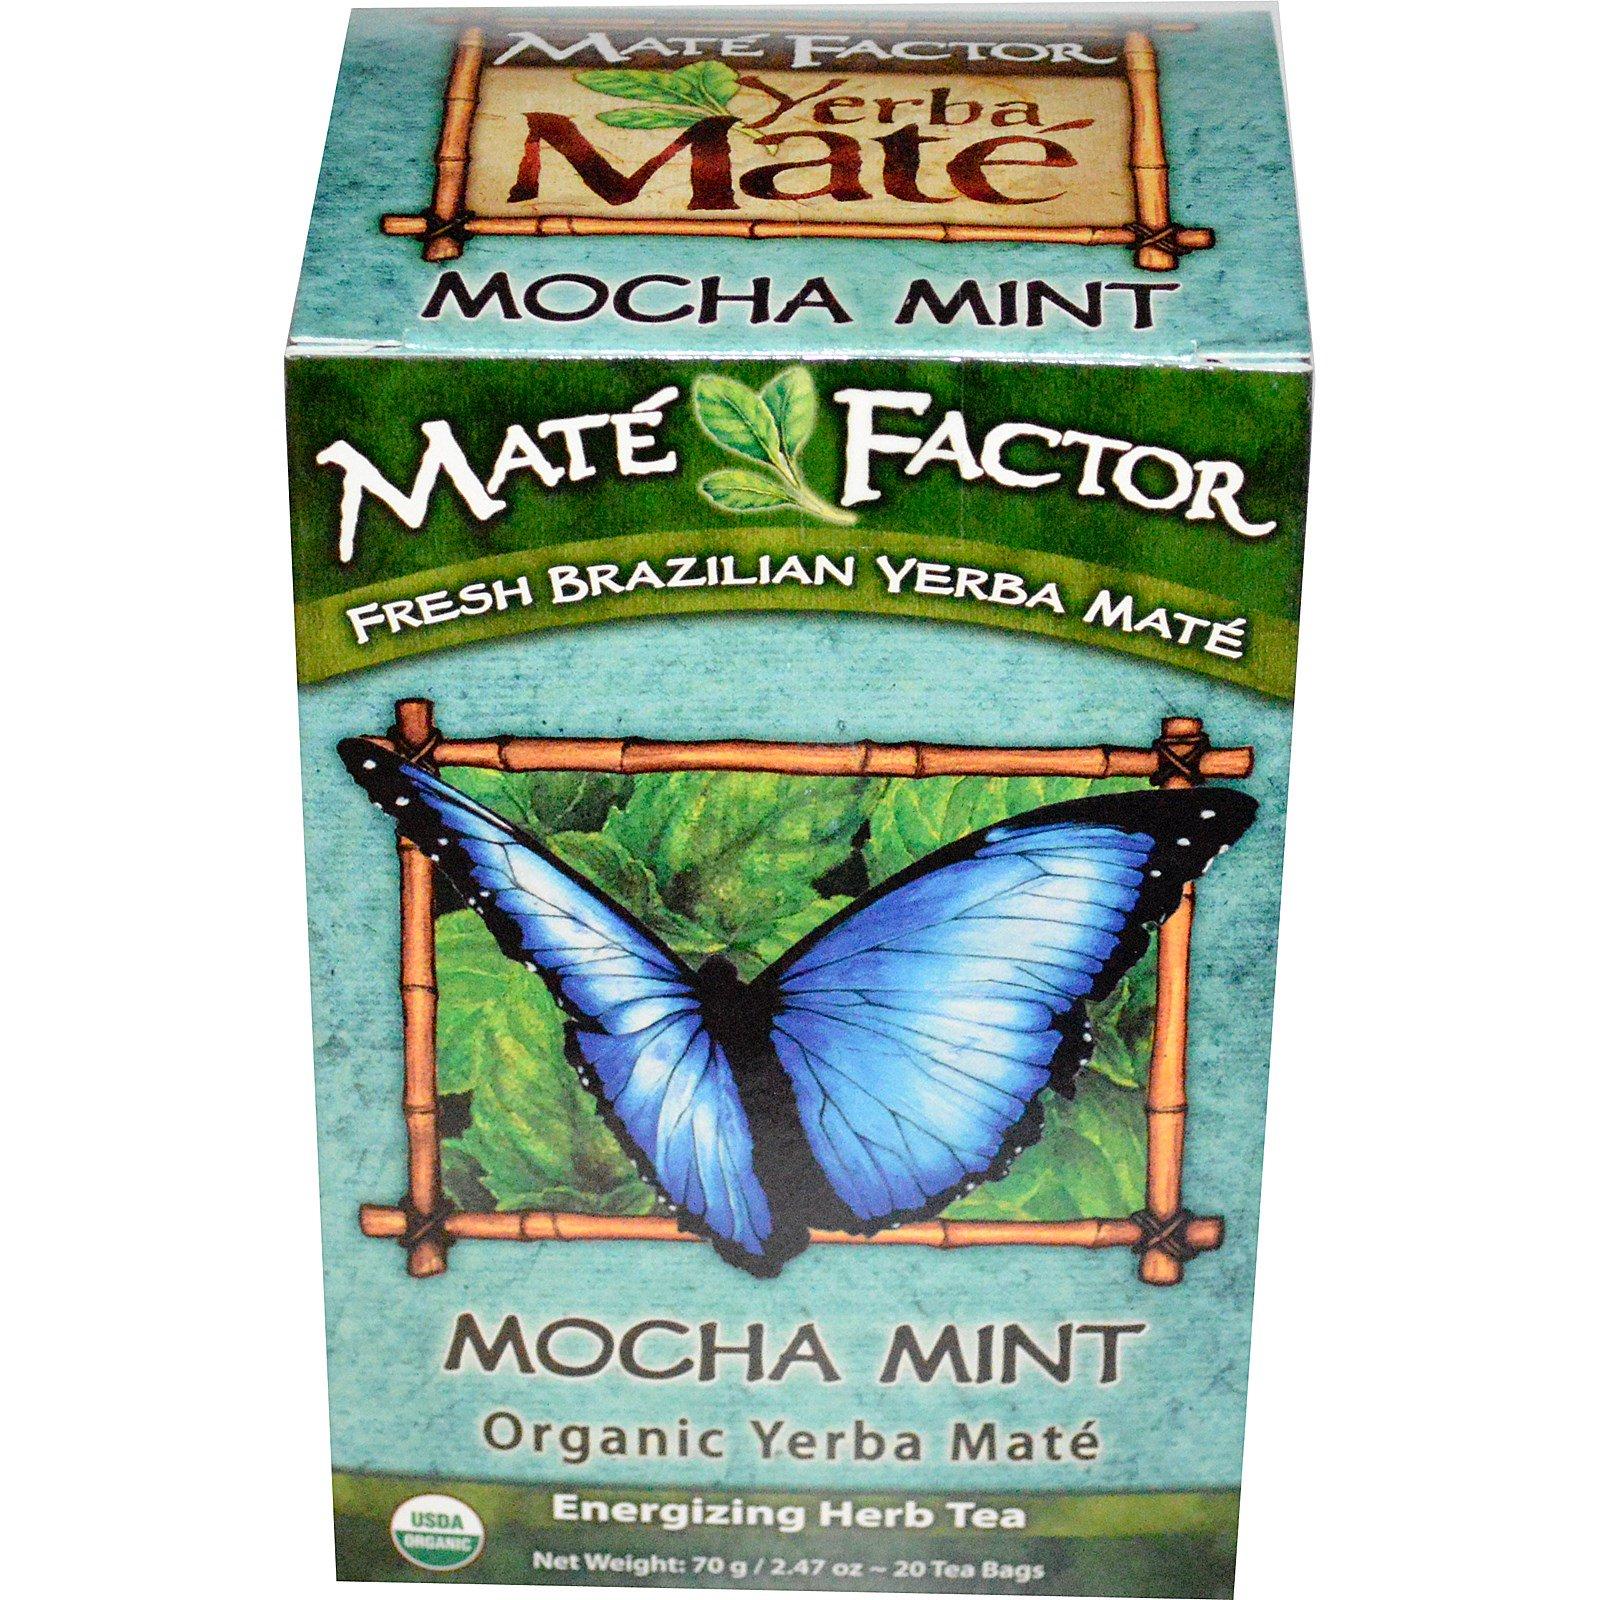 Mate Factor, Органическое Йерба матэ, мокка мята, 20 пакетиков, 2,47 унции (70 г)